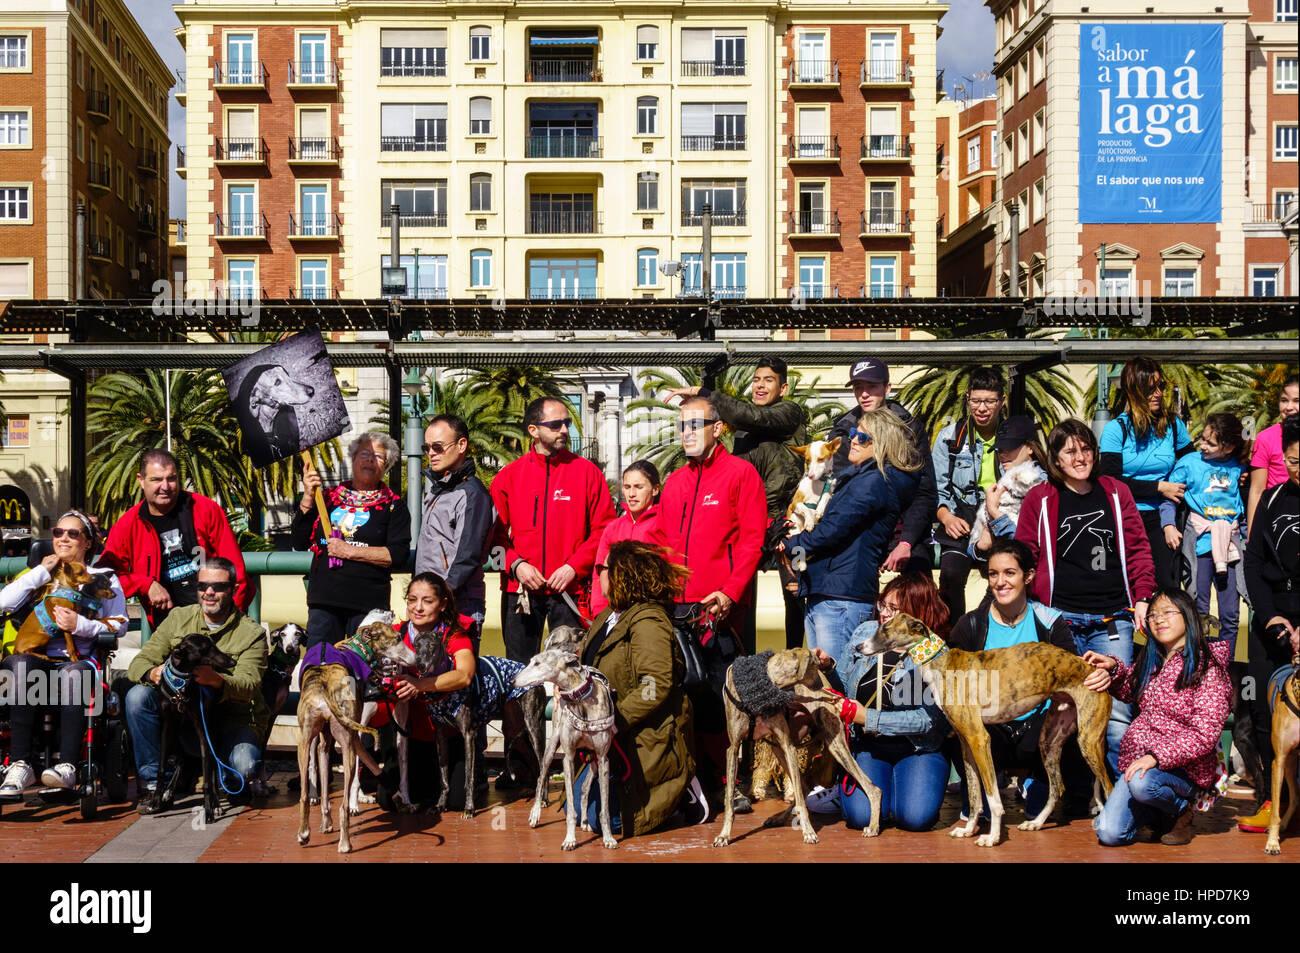 Protestation de lévriers Galgos Galgos Espanol Español à Malaga, Espagne. 05 février 2017 Photo Stock